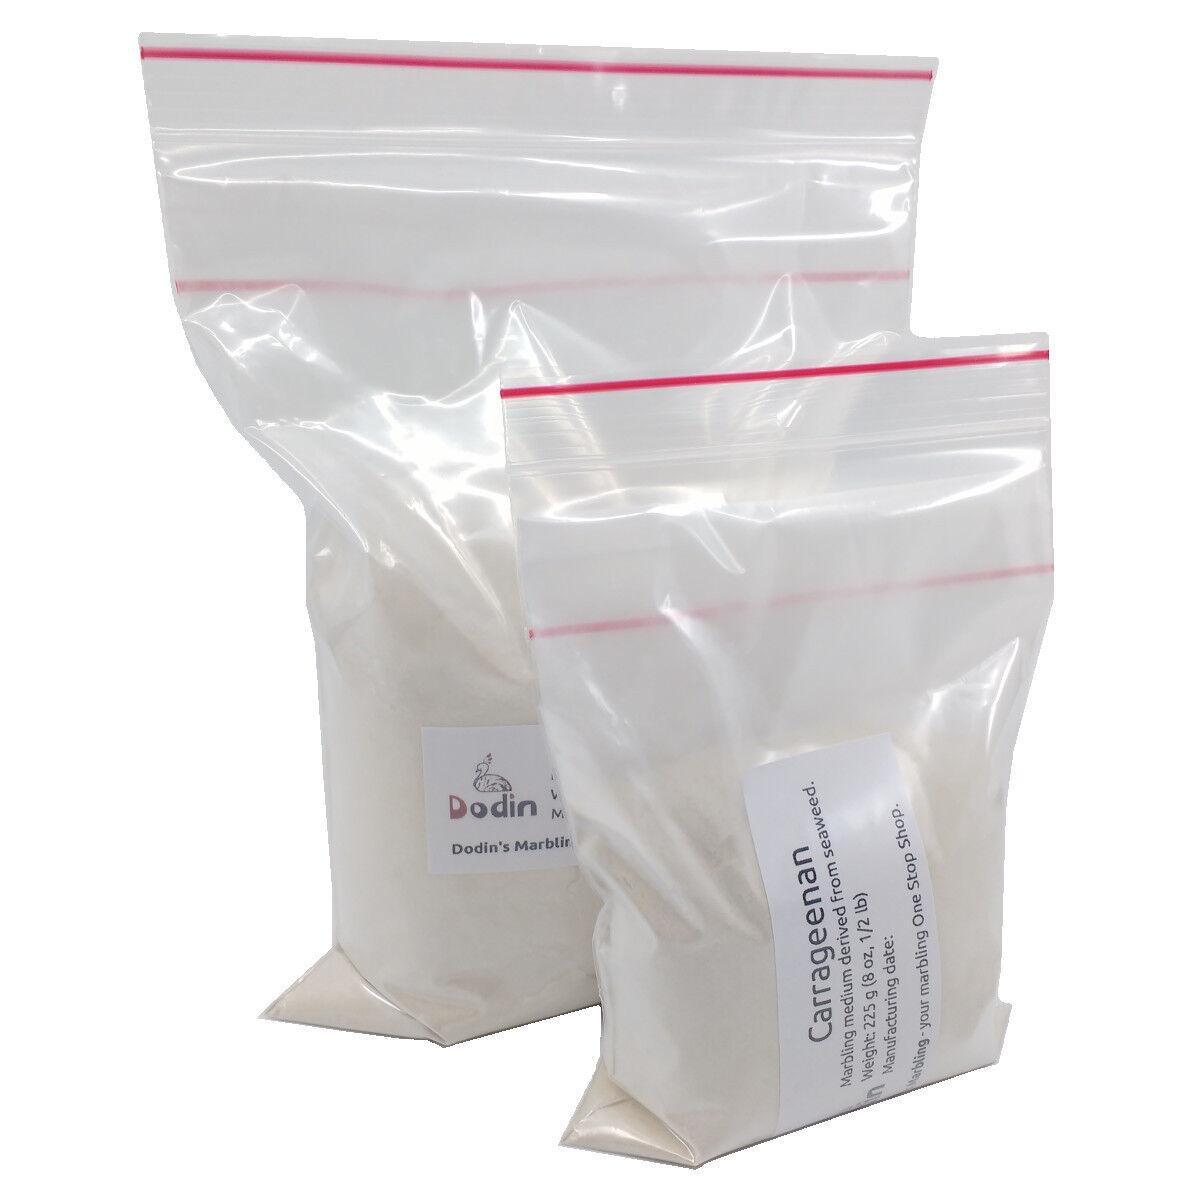 как выглядит Художественное покрытие или фиксатор Carrageenan Marbling Marbled Paper Fabric Supplies 225g 1/2lb Carrageen Carragen фото